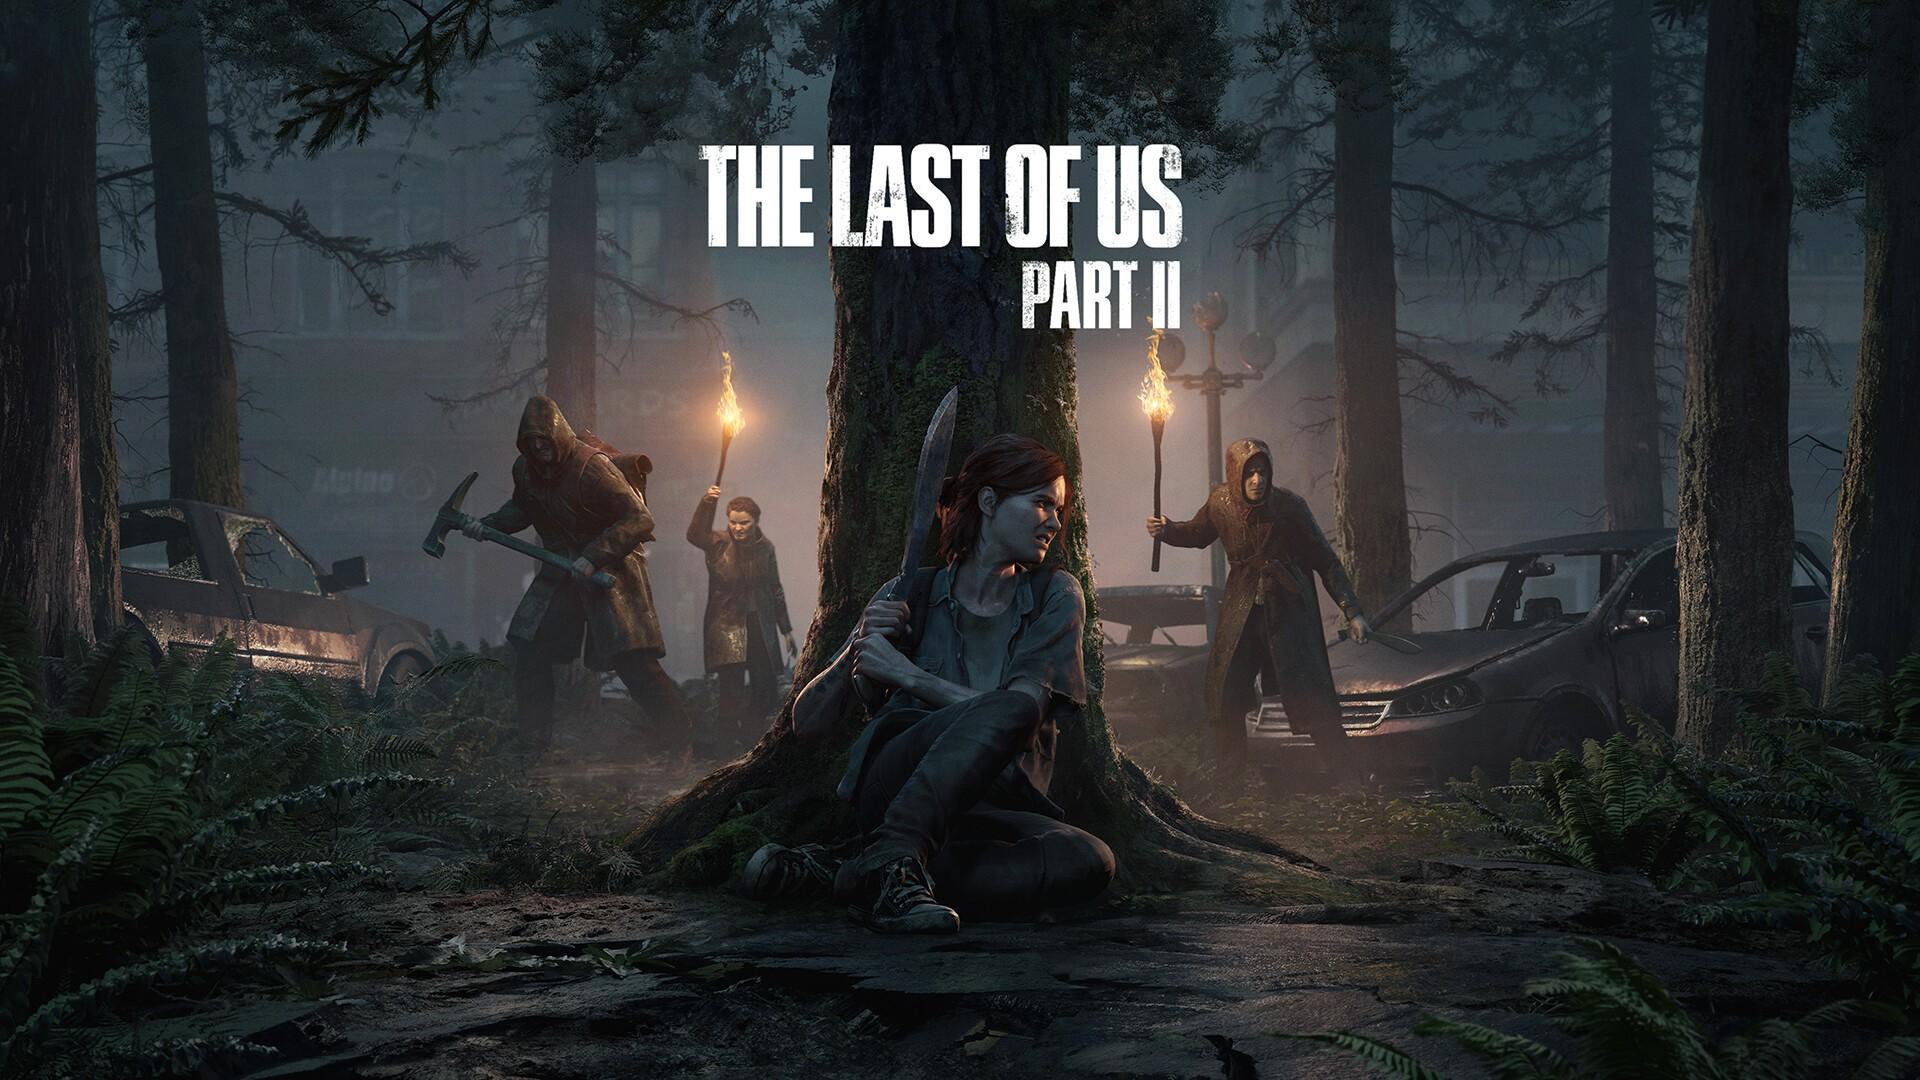 Набросок сюжета The Last of Us III уже существует, но разработка пока не началась 2